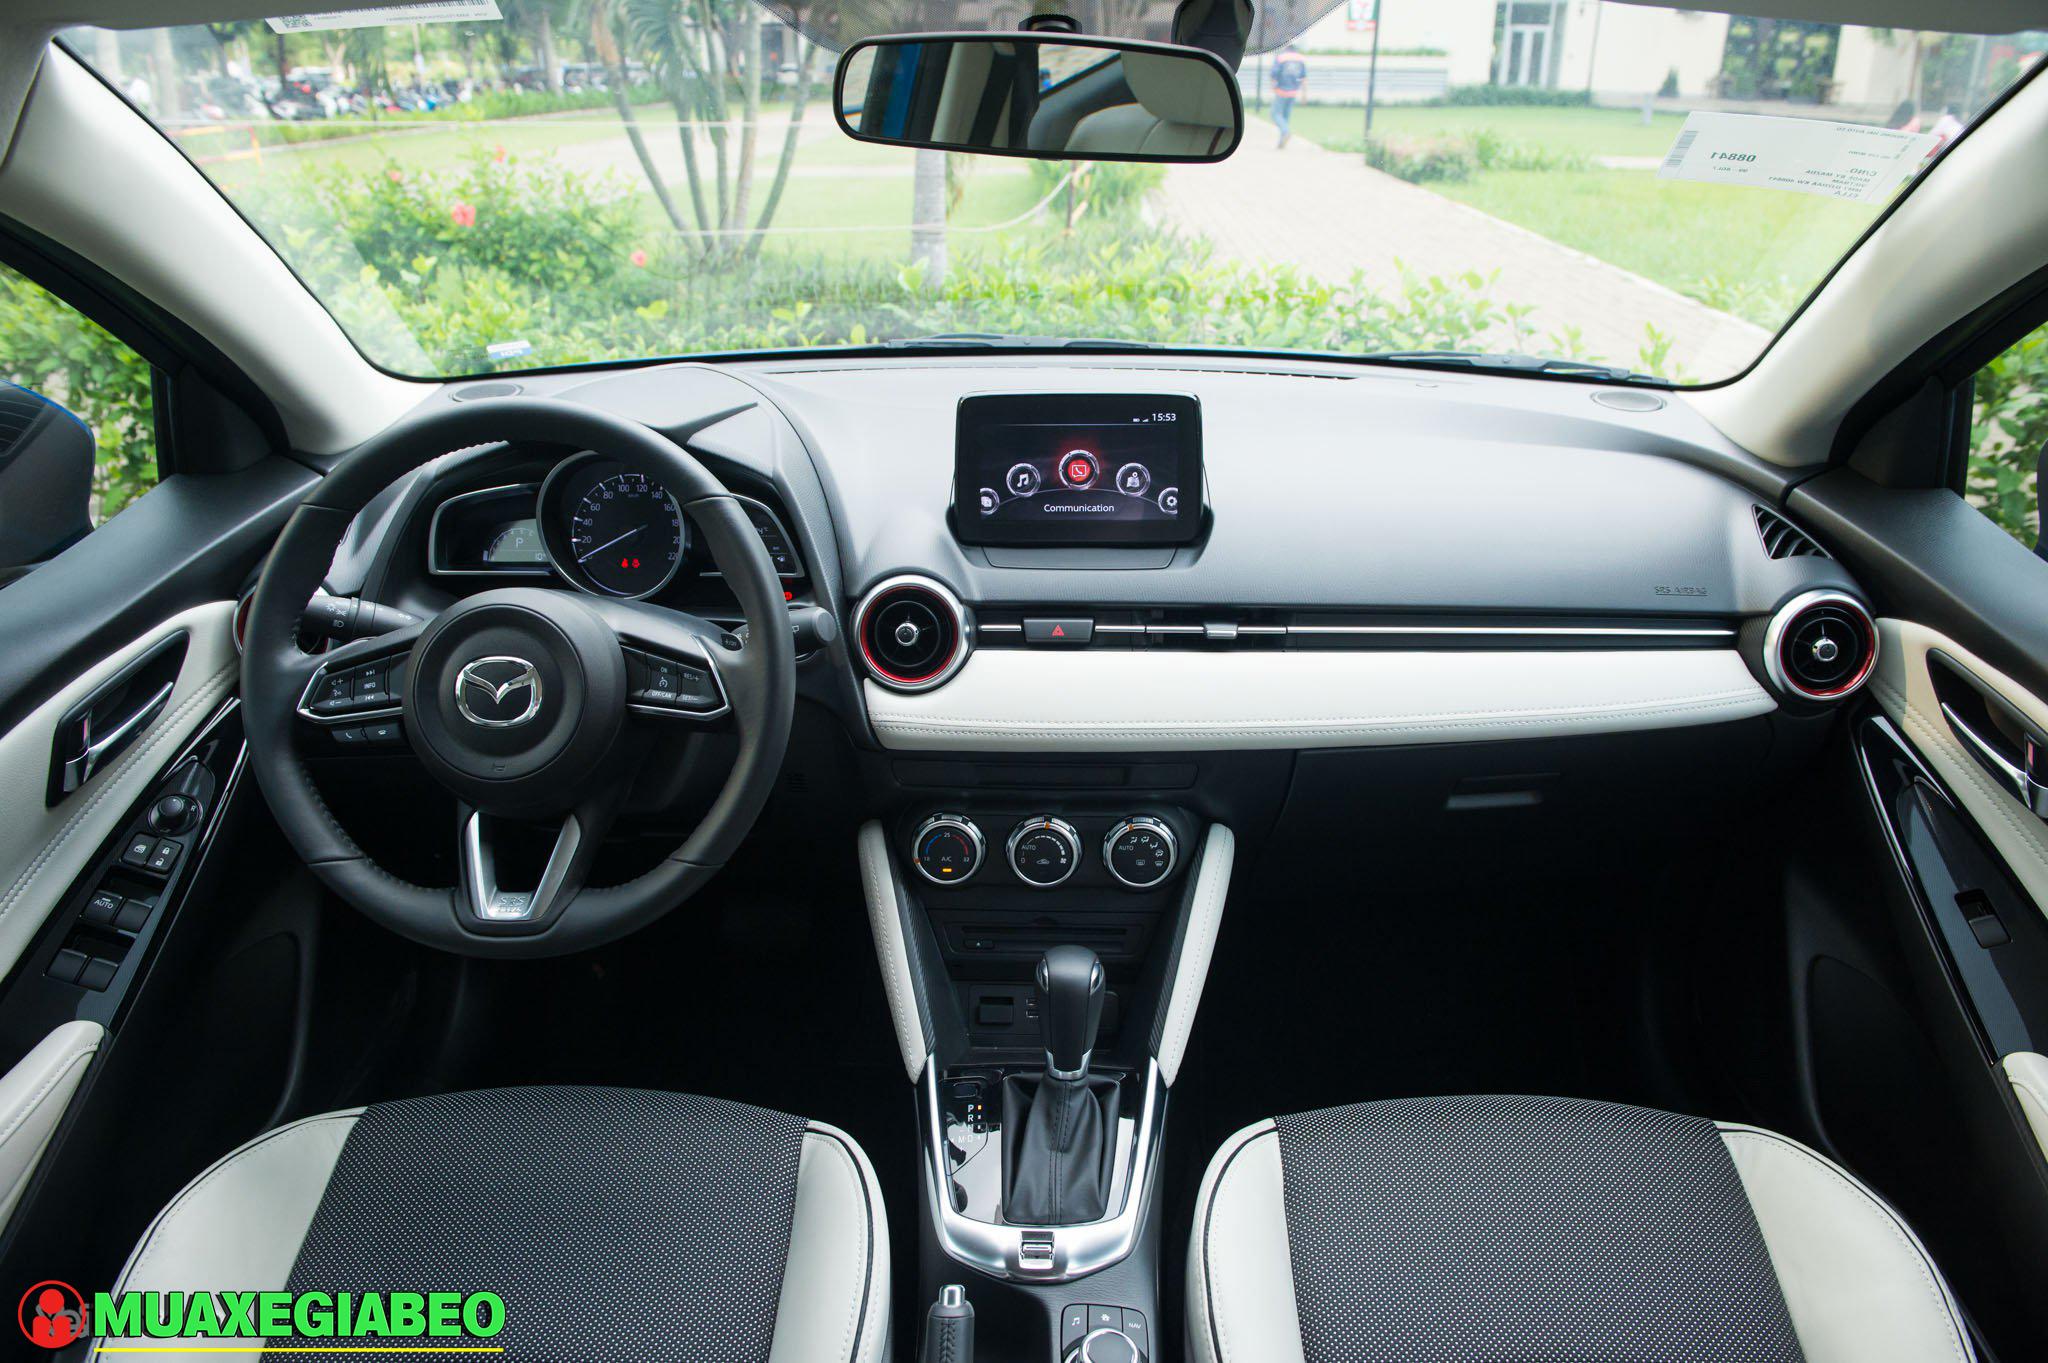 Xe Mazda 2 anh 7 - Mazda 2 [hienthinam]: thông số, giá xe & khuyến mãi tháng [hienthithang]